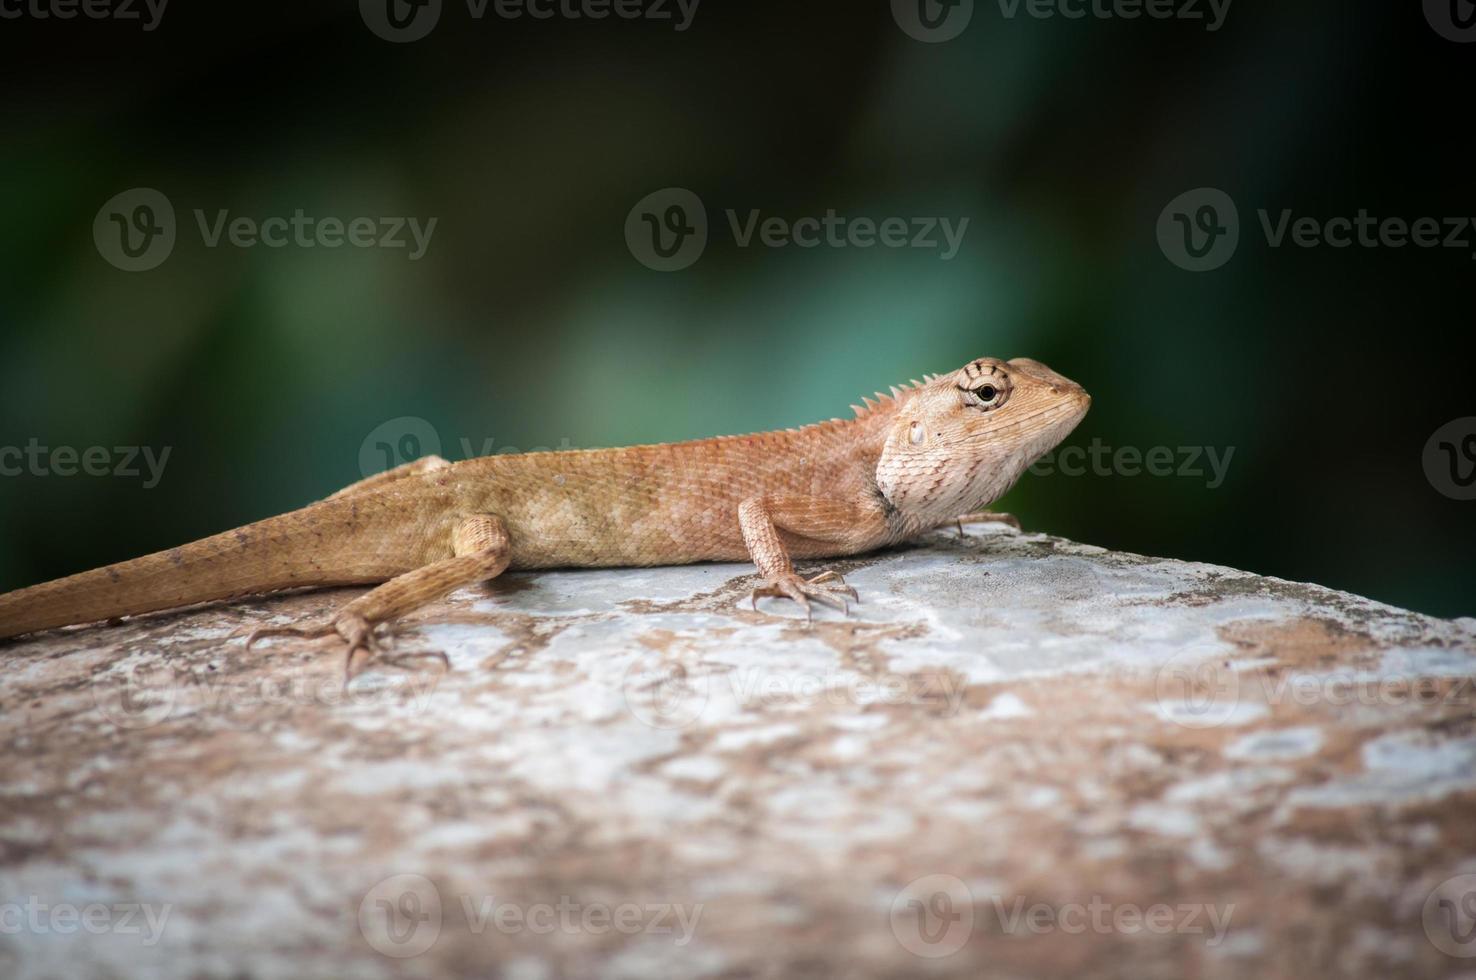 camaleón sobre piedra, enfoque suave foto